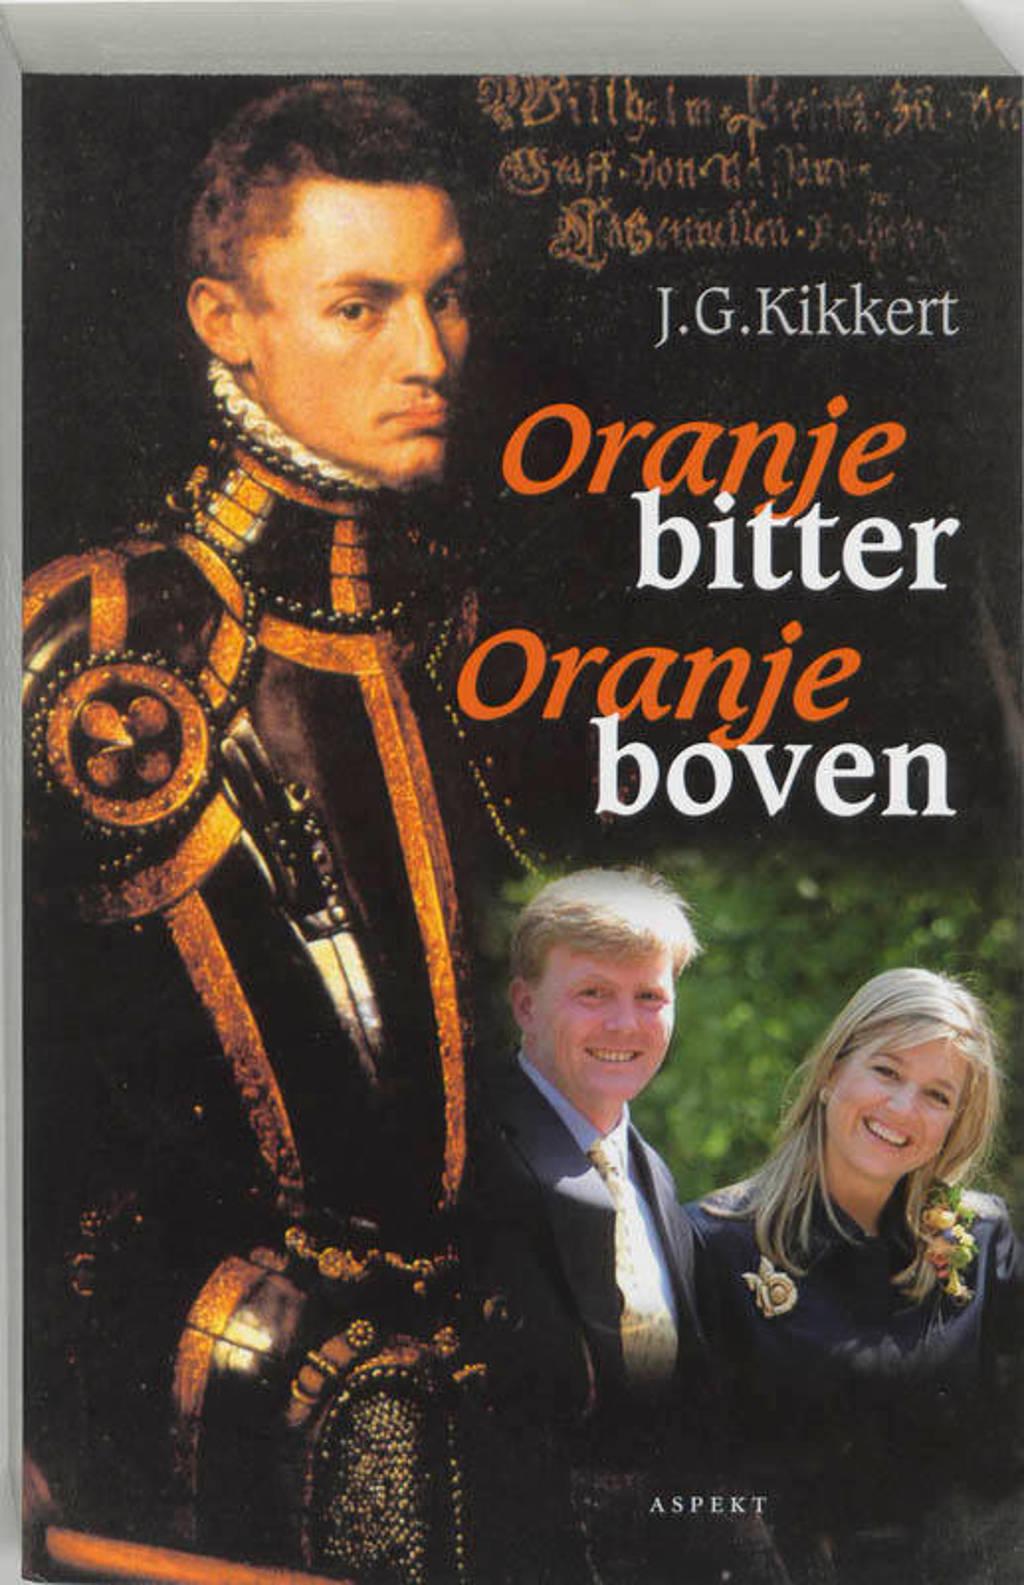 Bulletin van de Tweede Wereldoorlog: Oranje bitter Oranje boven - J.G. Kikkert